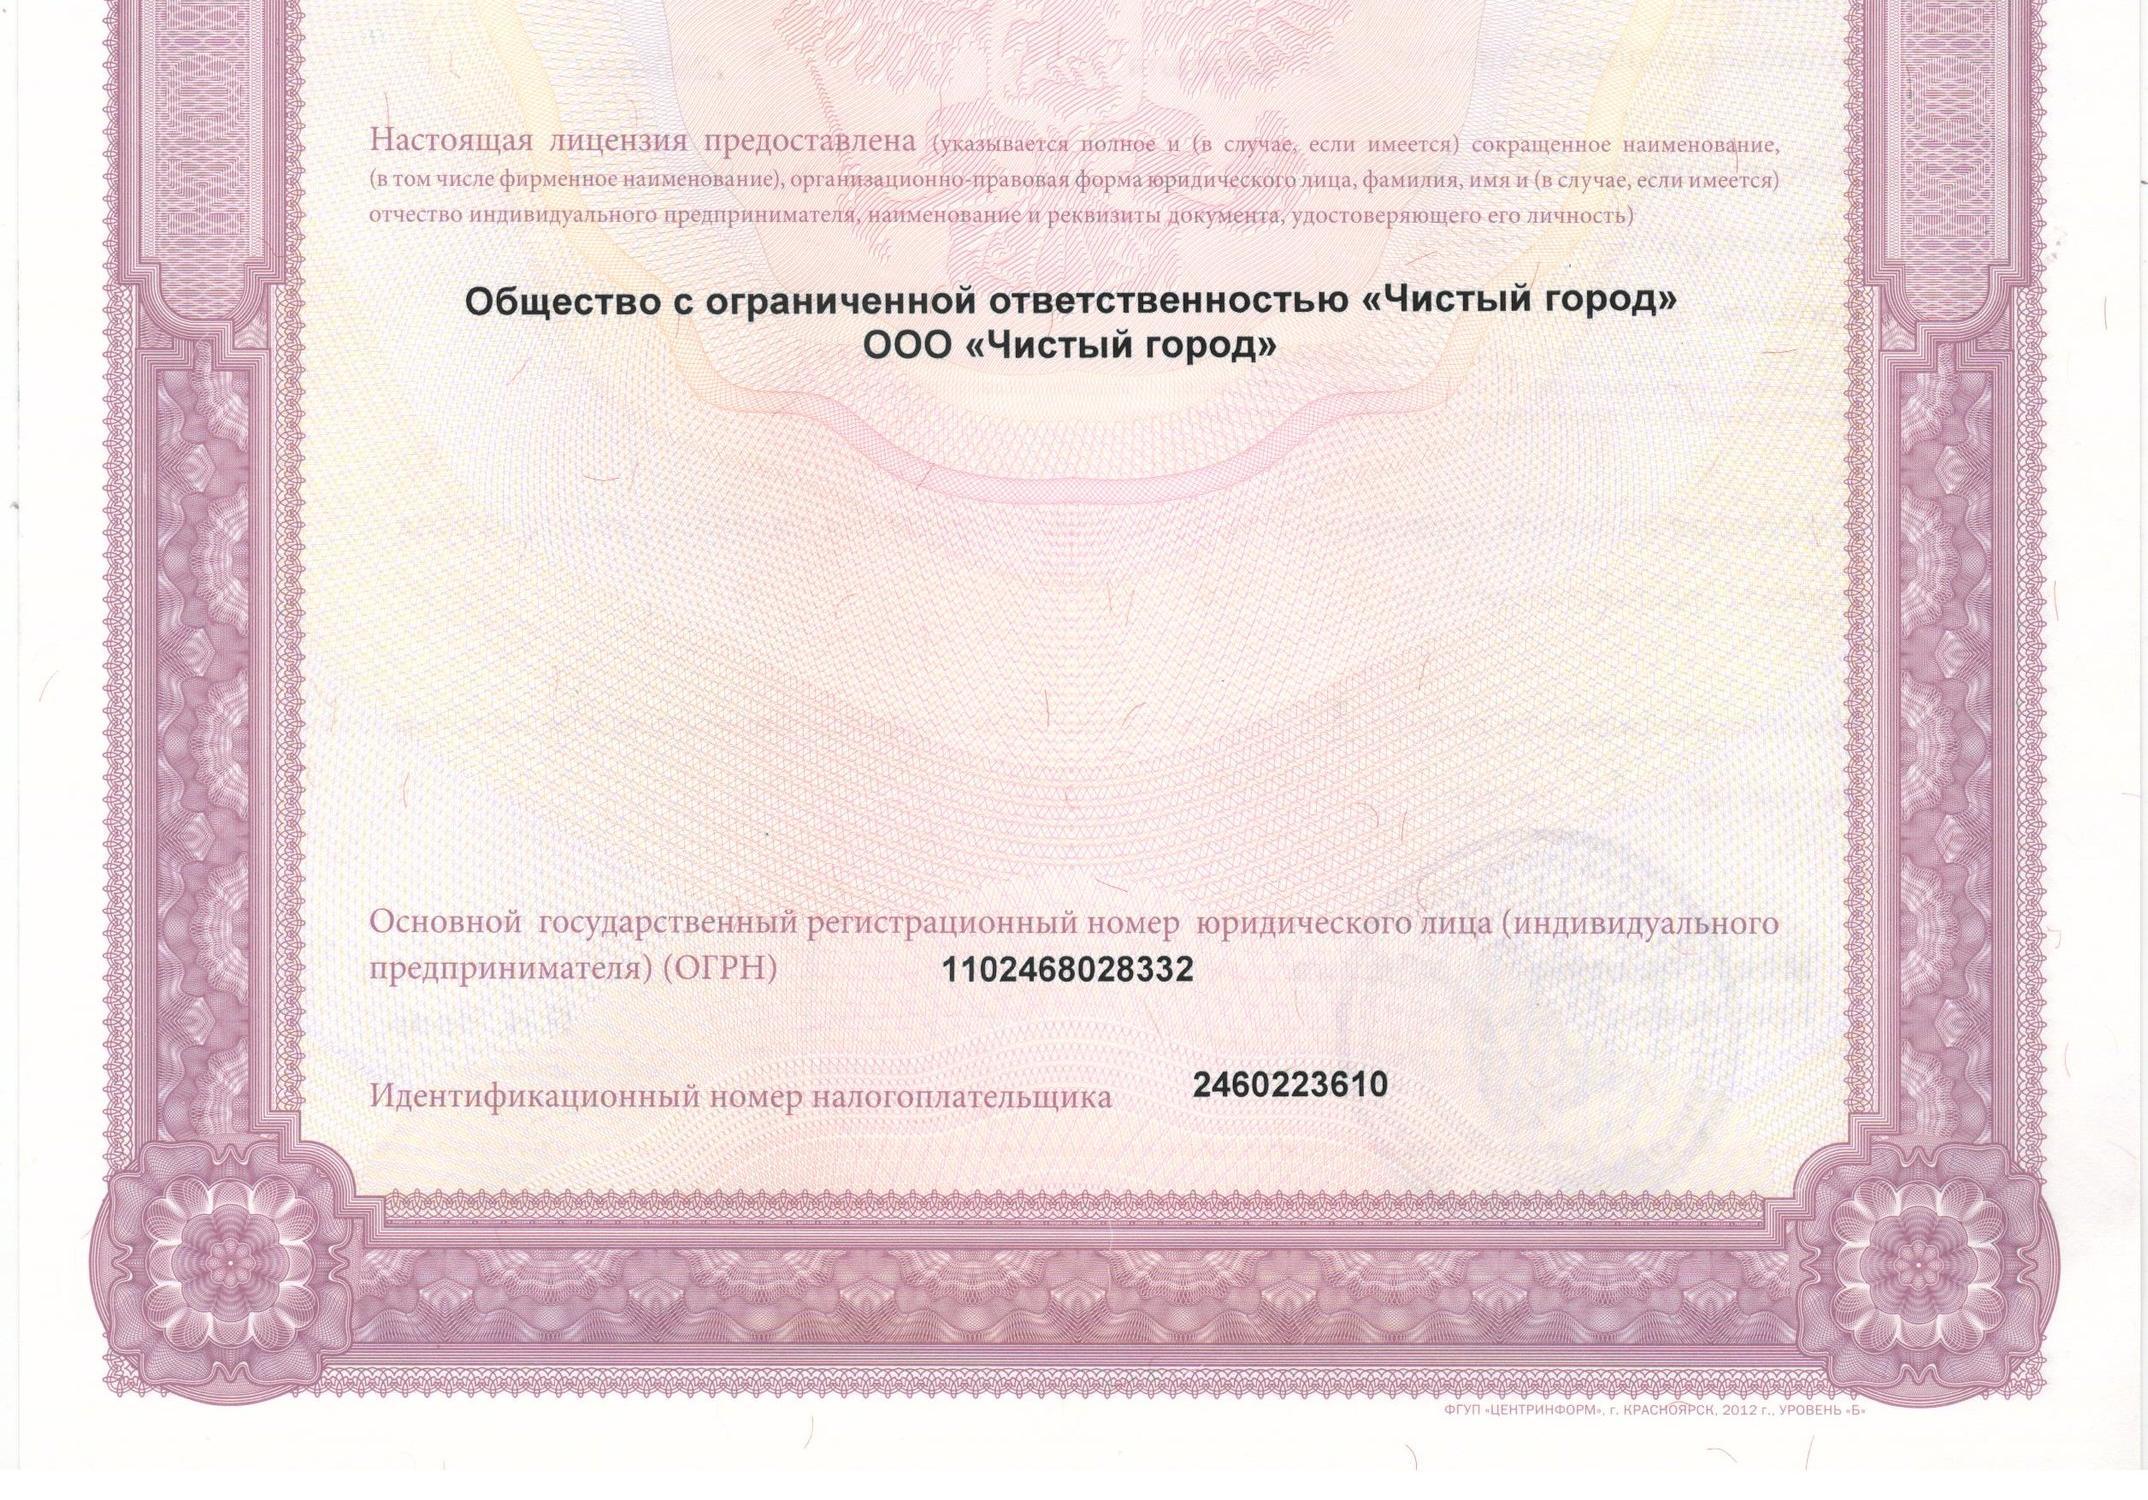 Медведев врач краснодар 1 городская клиническая больница